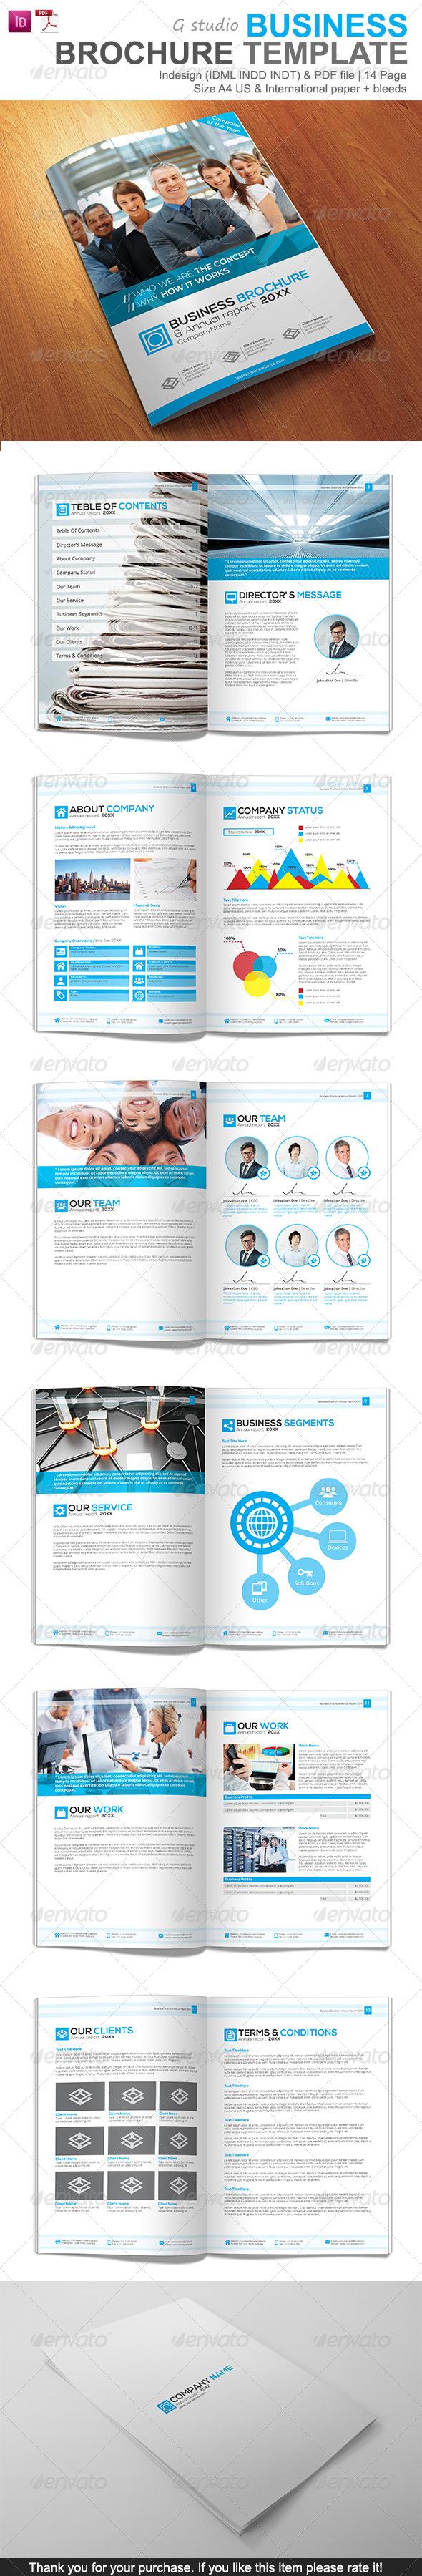 Gstudio Business Brochure Template - Corporate Brochures